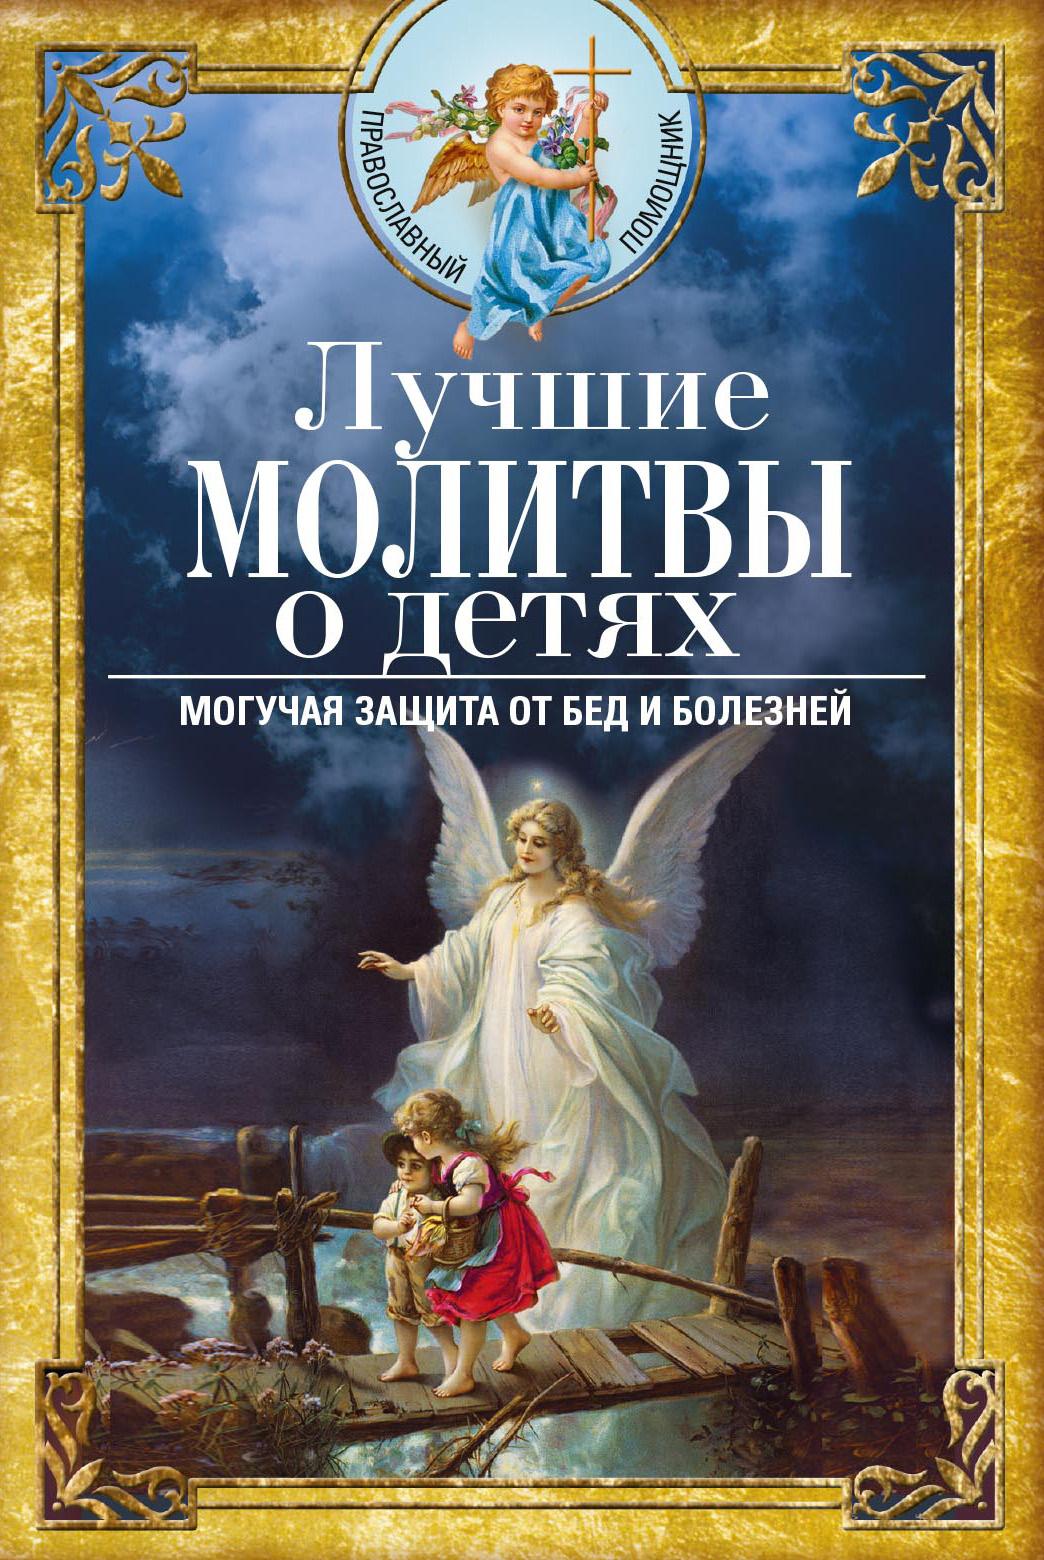 Купить книгу Лучшие молитвы о детях. Могучая защита от бед и болезней, автора